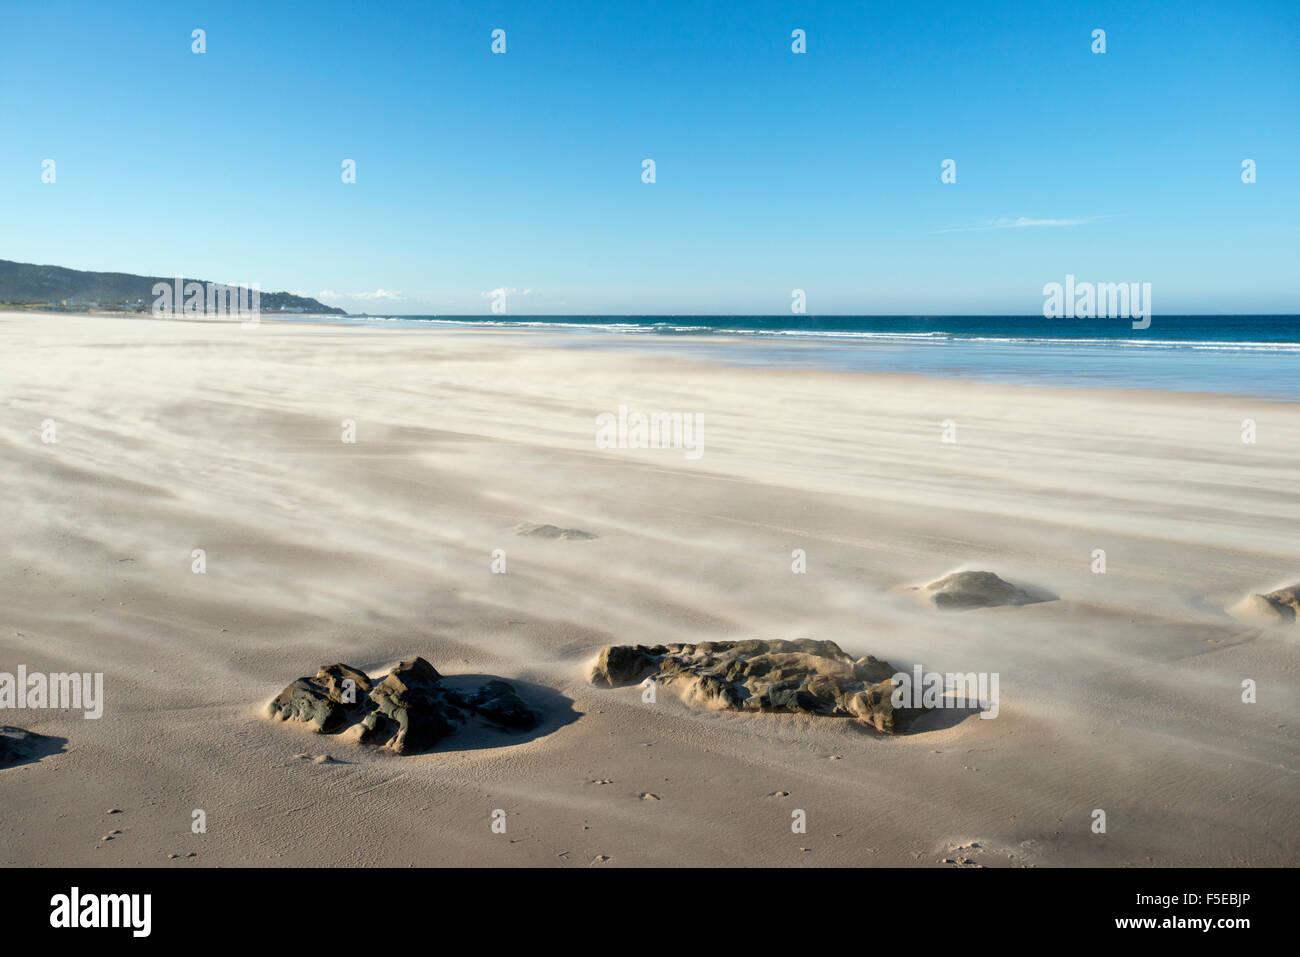 Kilómetros de playas desiertas en la costa entre Barbate y Zahara de los Atunes en Andalucía, España, Europa Foto de stock